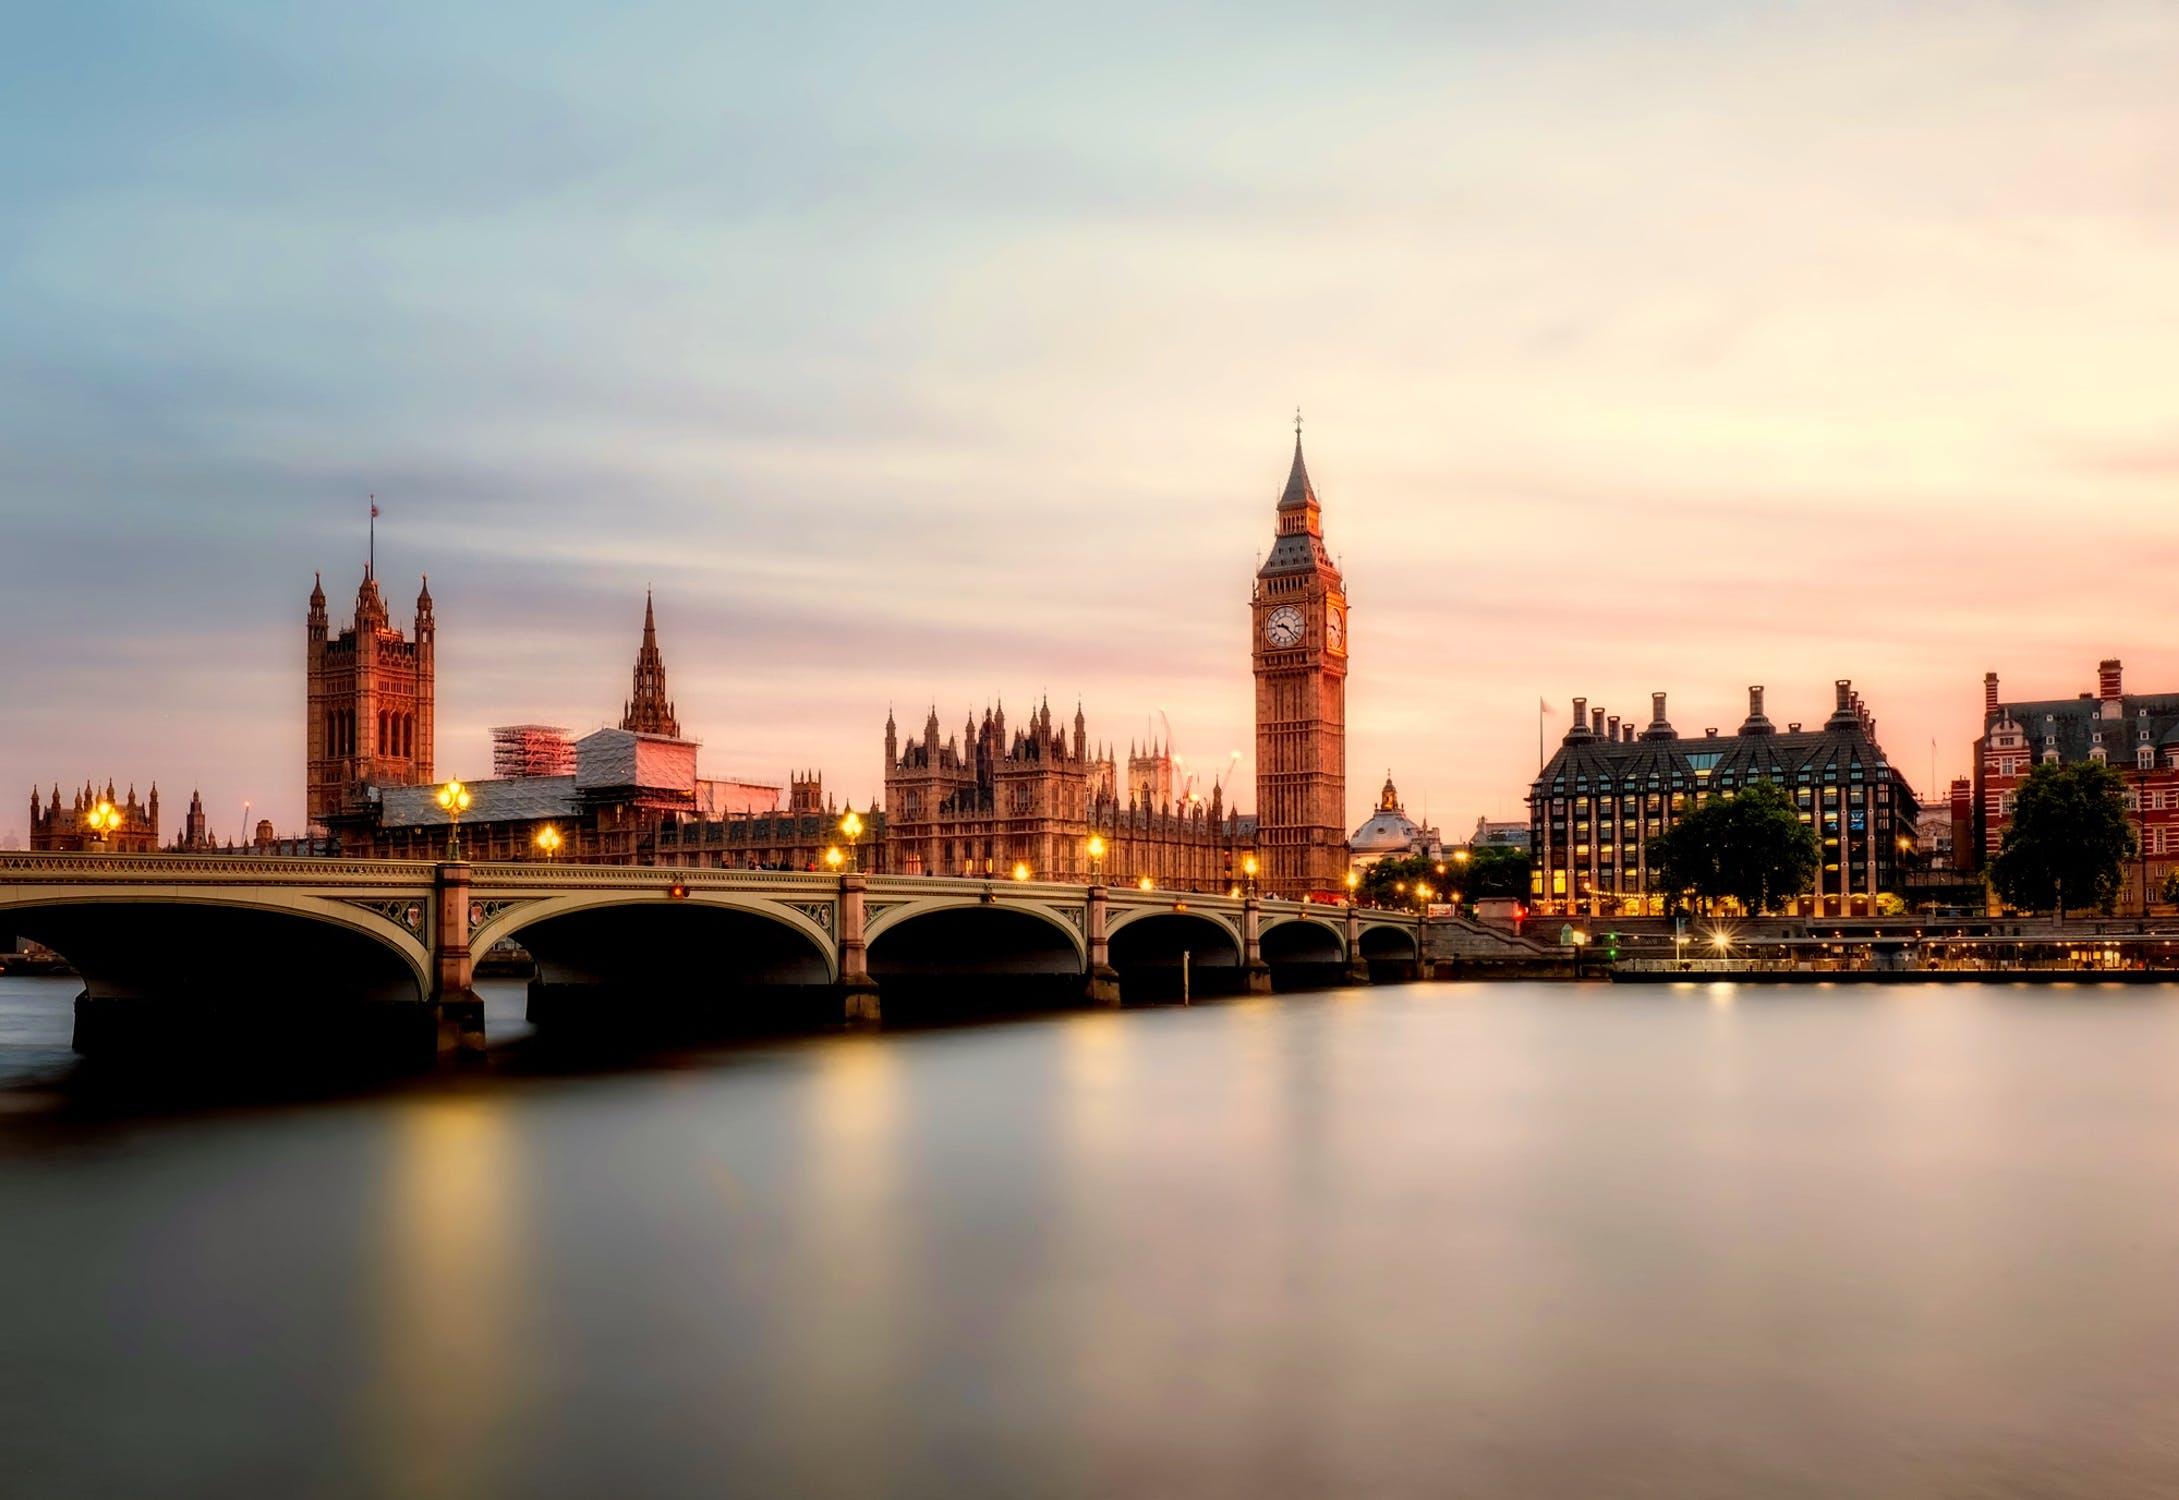 英国公司的商业文件使馆公证认证的资料有哪些?